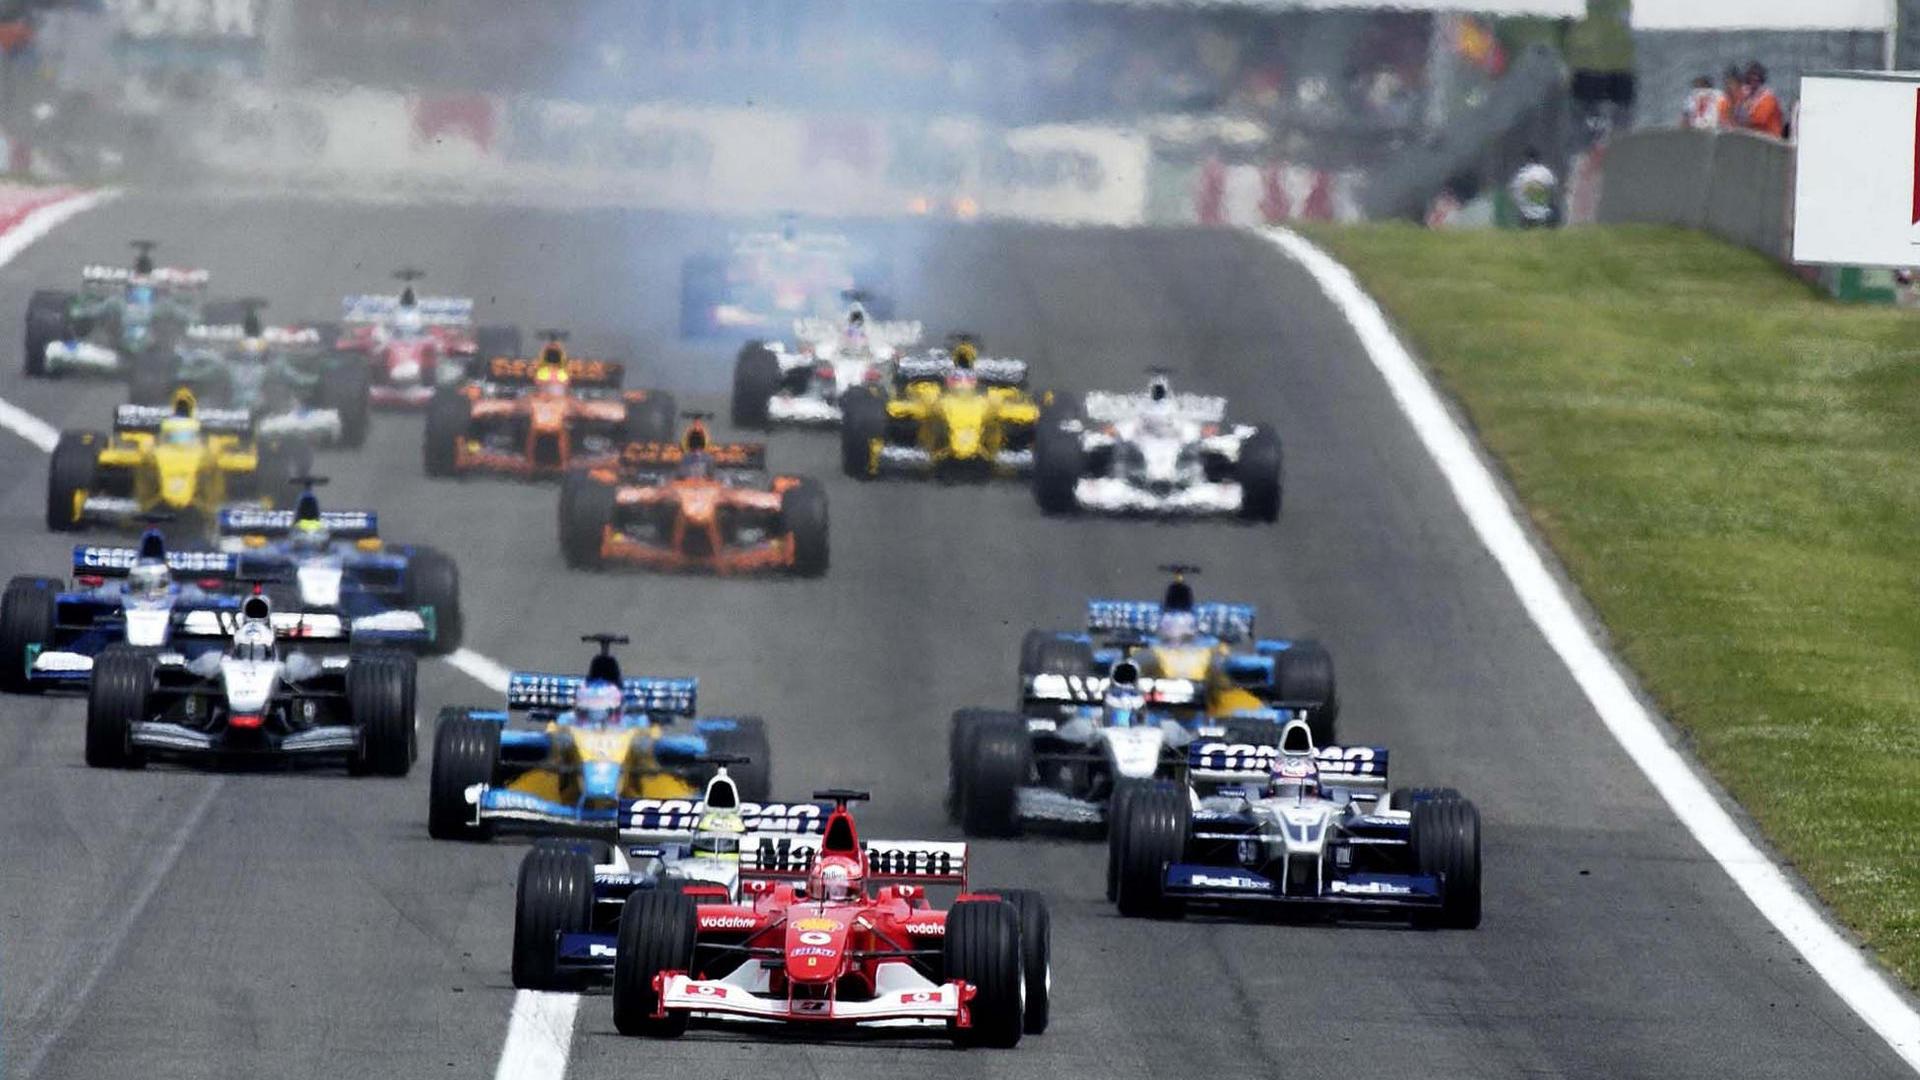 GP da Espanha de Formula 1, Catalunha em 2002 - by F1-Fansite.com